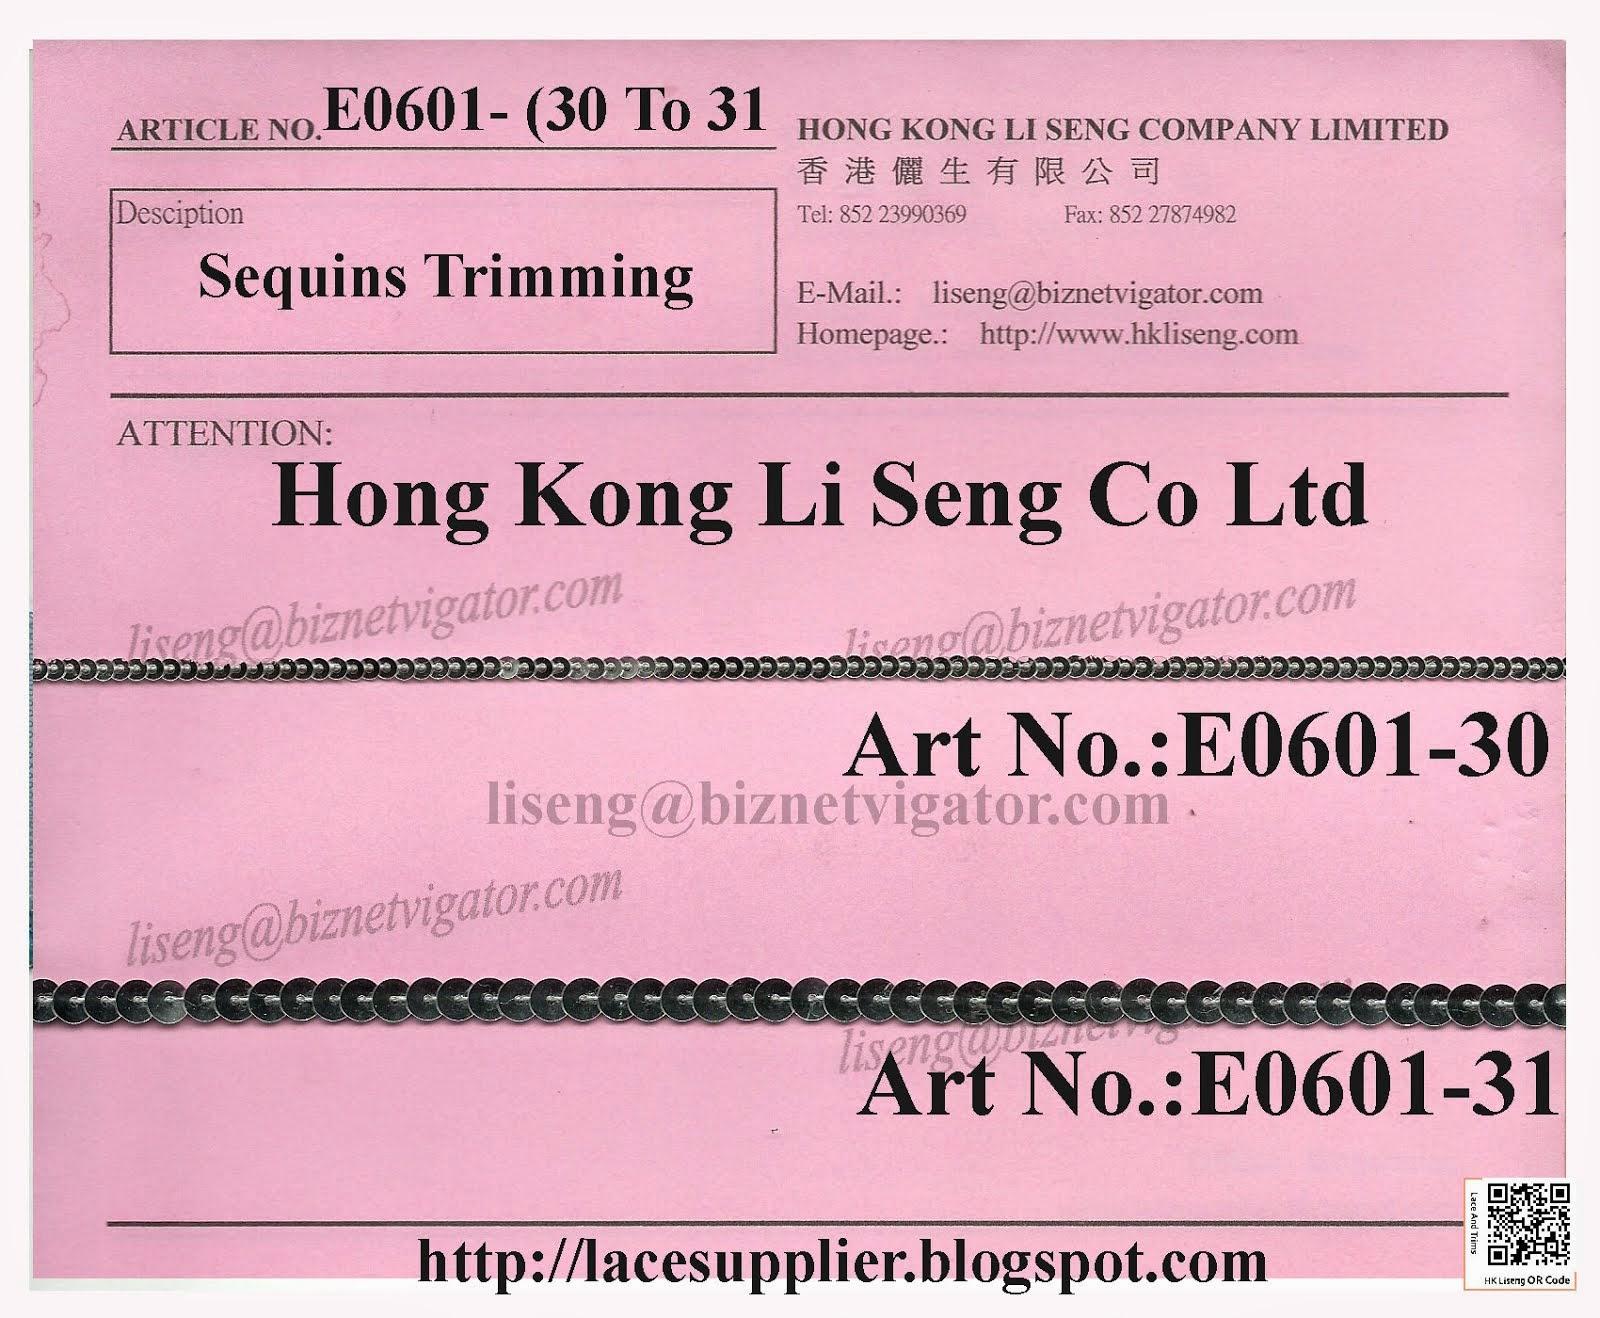 Sequins Trimming Manufacturer - Hong Kong Li Seng Co Ltd